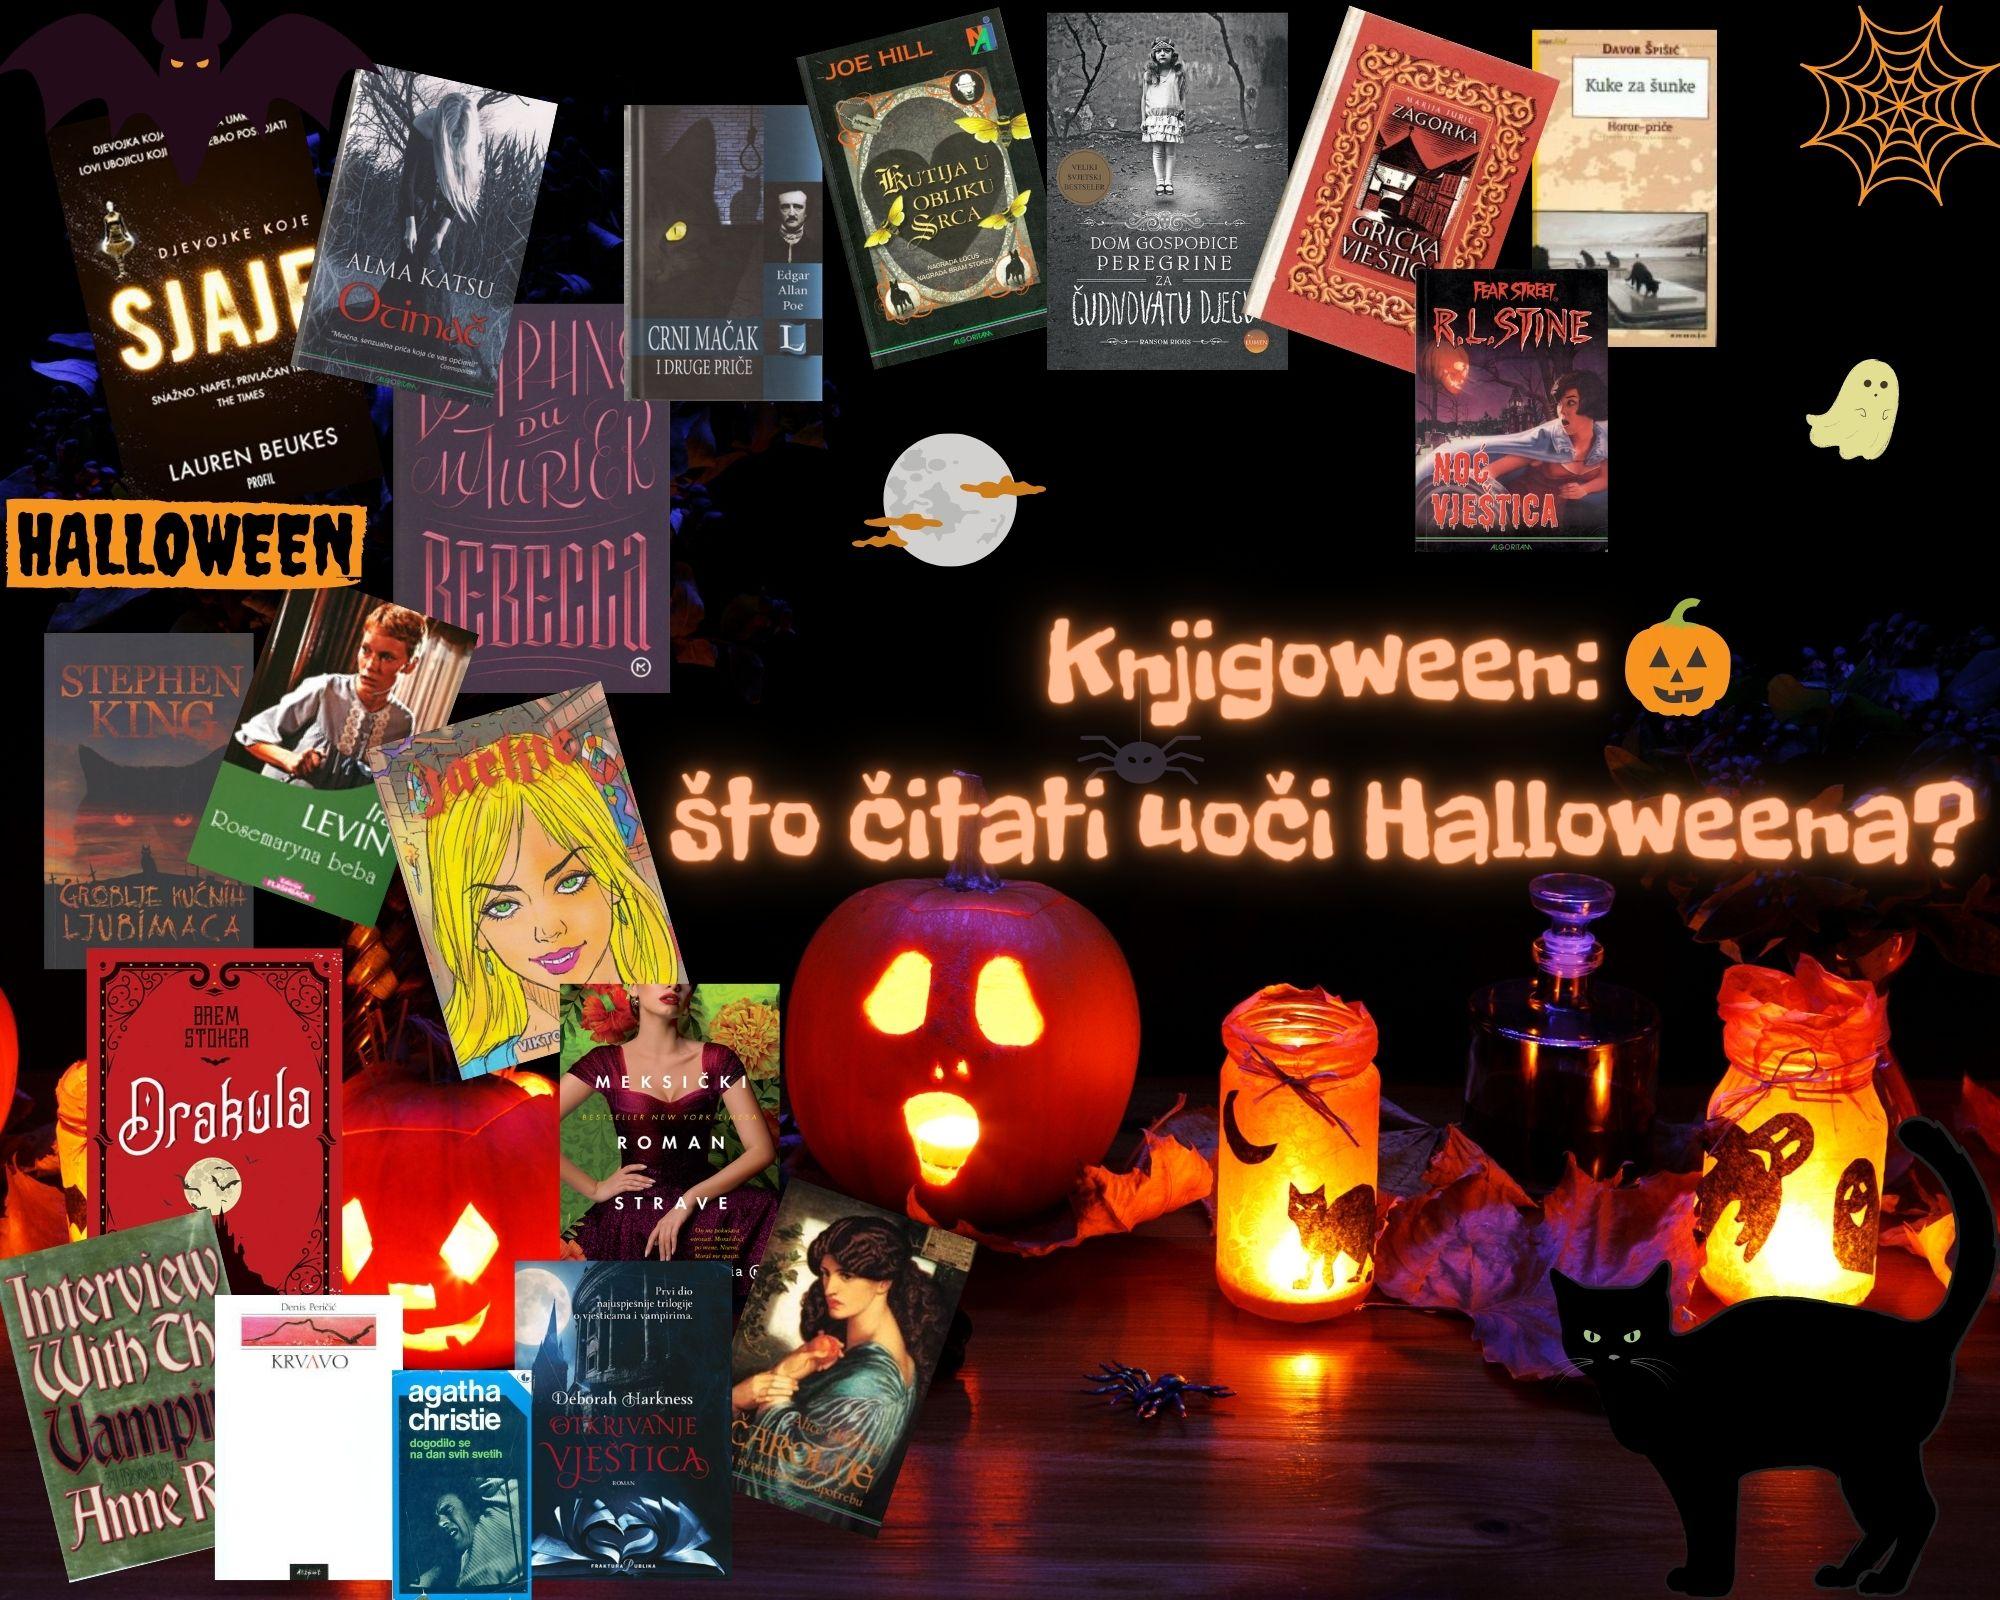 Knjigoween: što čitati uoči Halloweena?